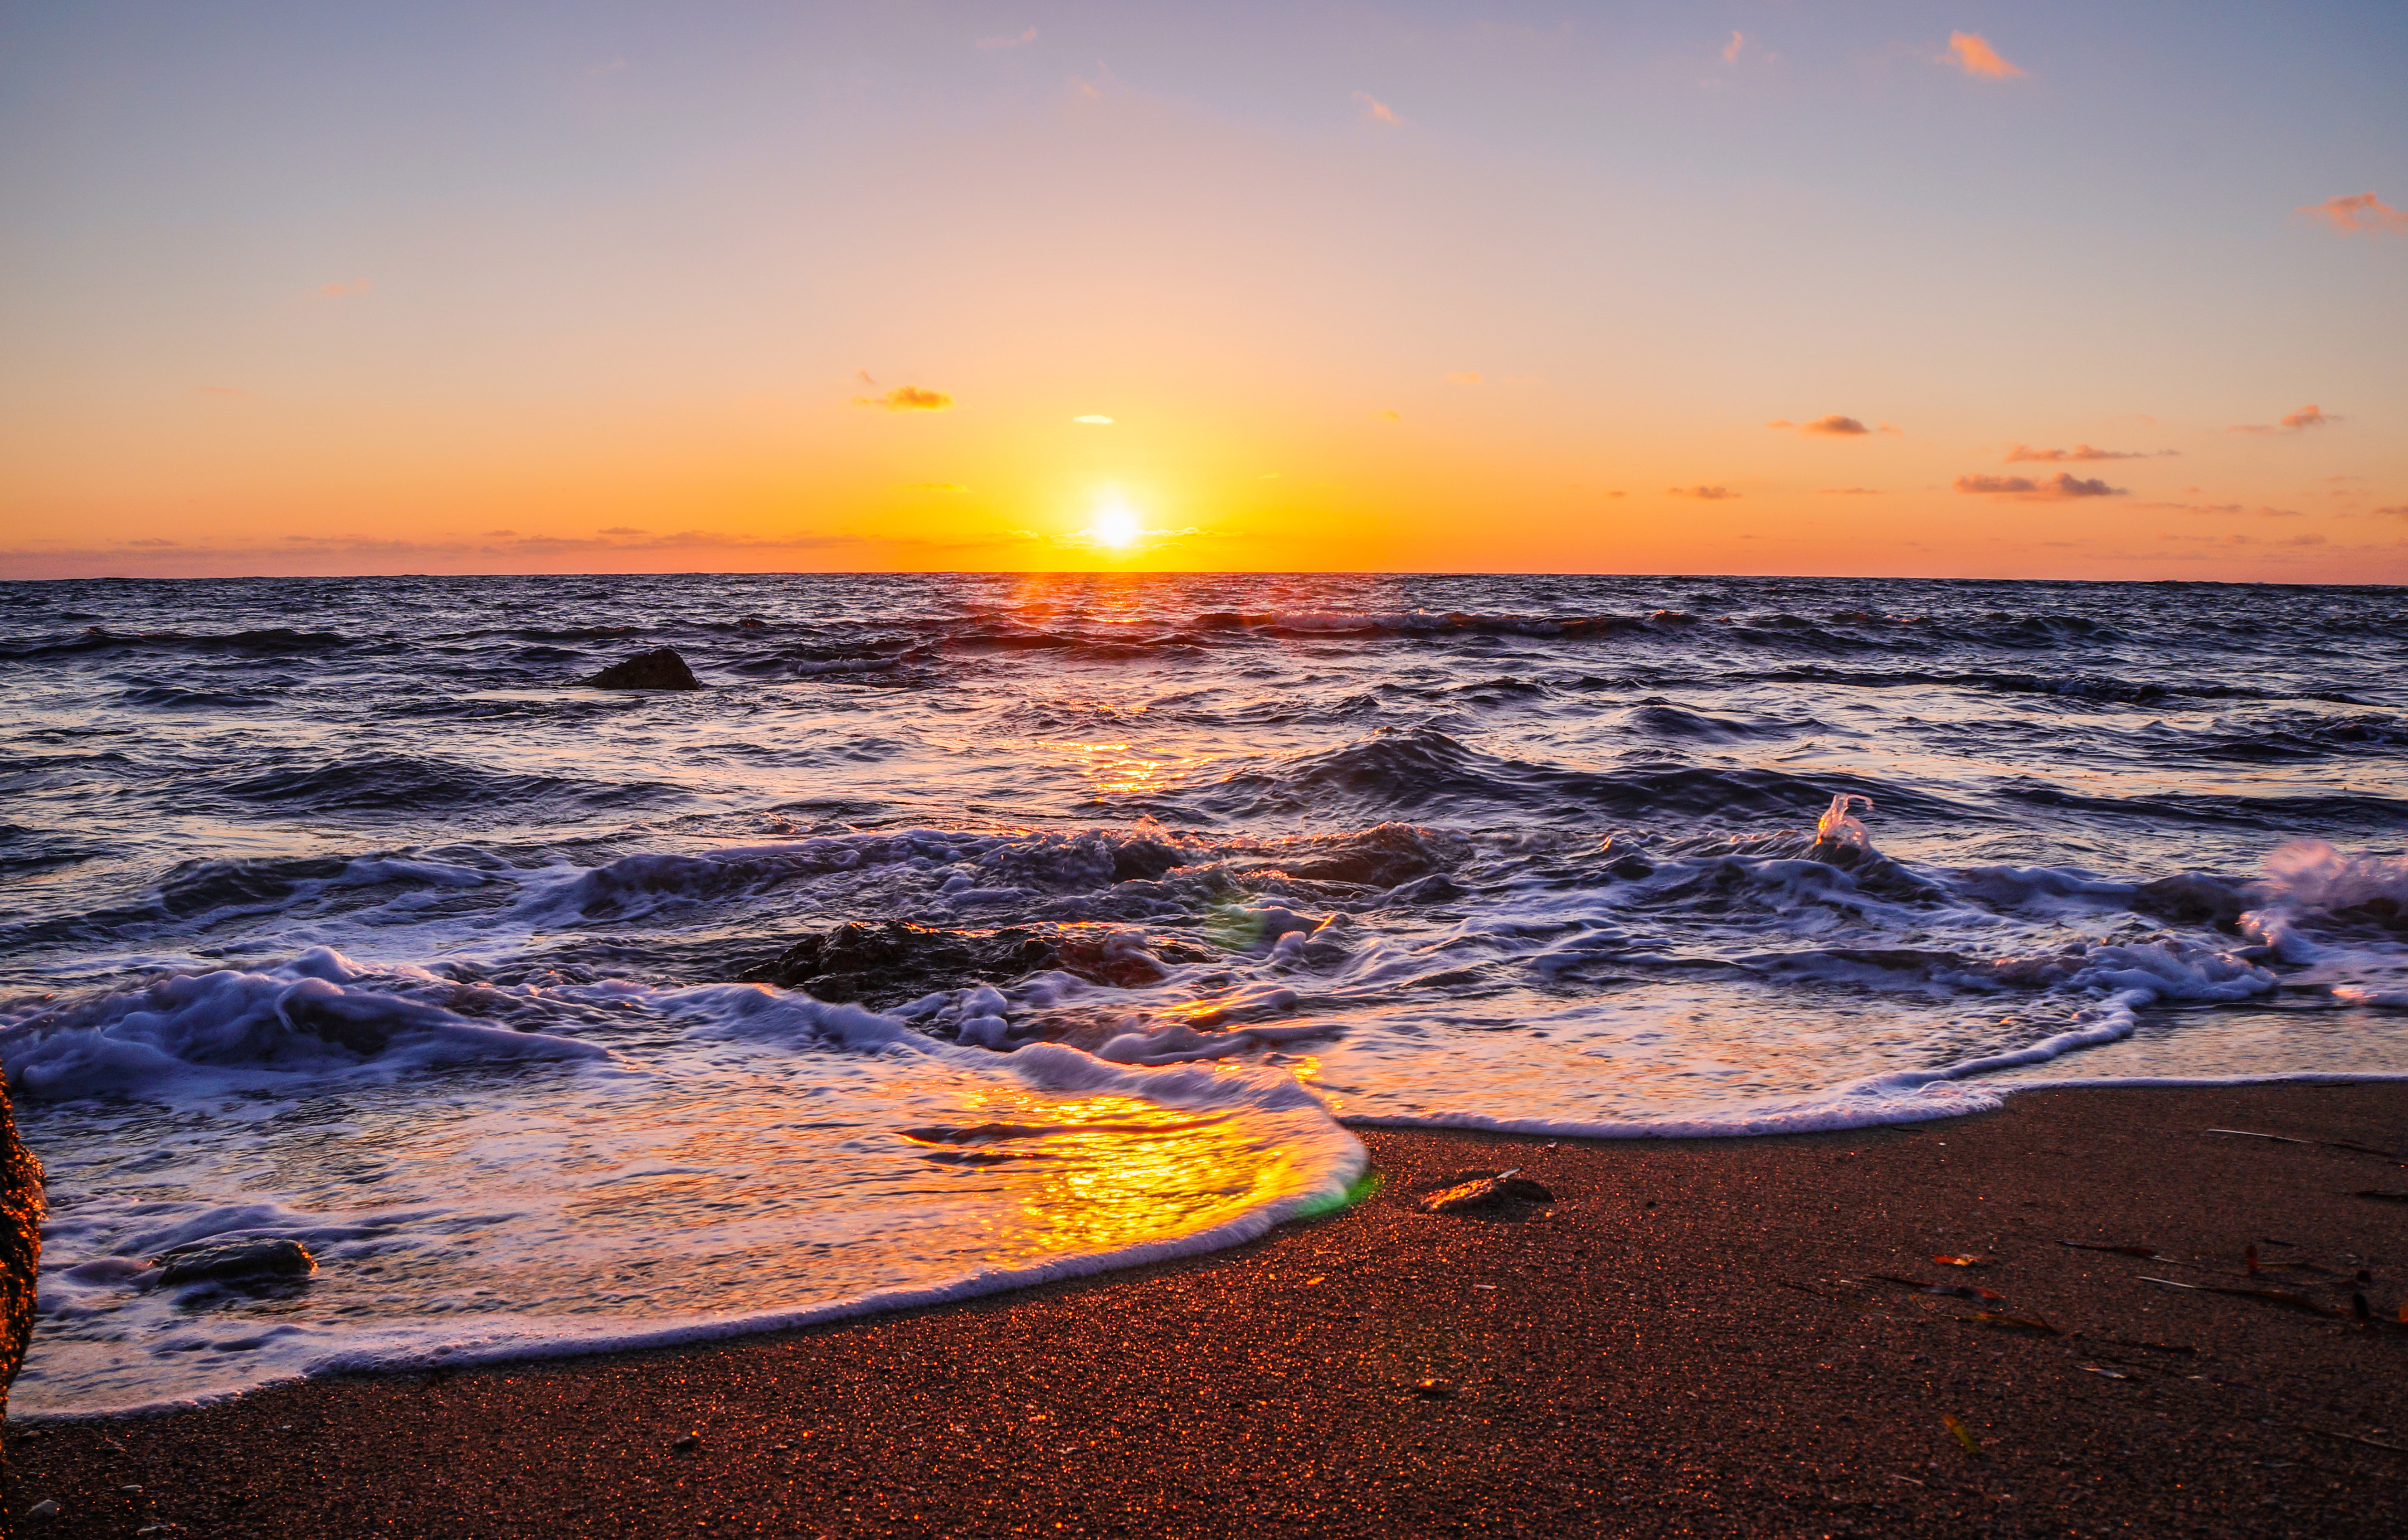 3840x2160 Waves Beach Sunset 5k 4k HD 4k Wallpapers ...